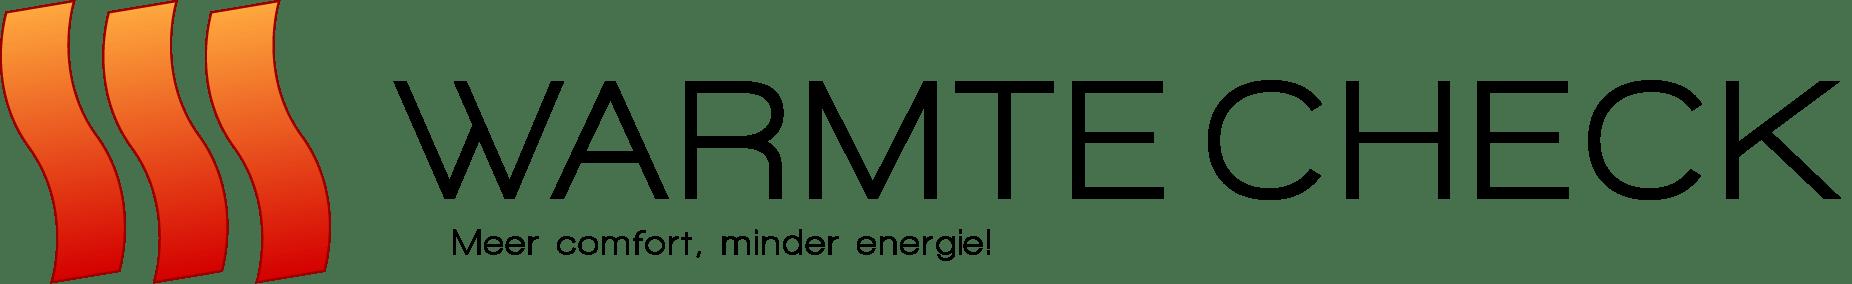 warmtecheck-meer-comfort-minder-energie